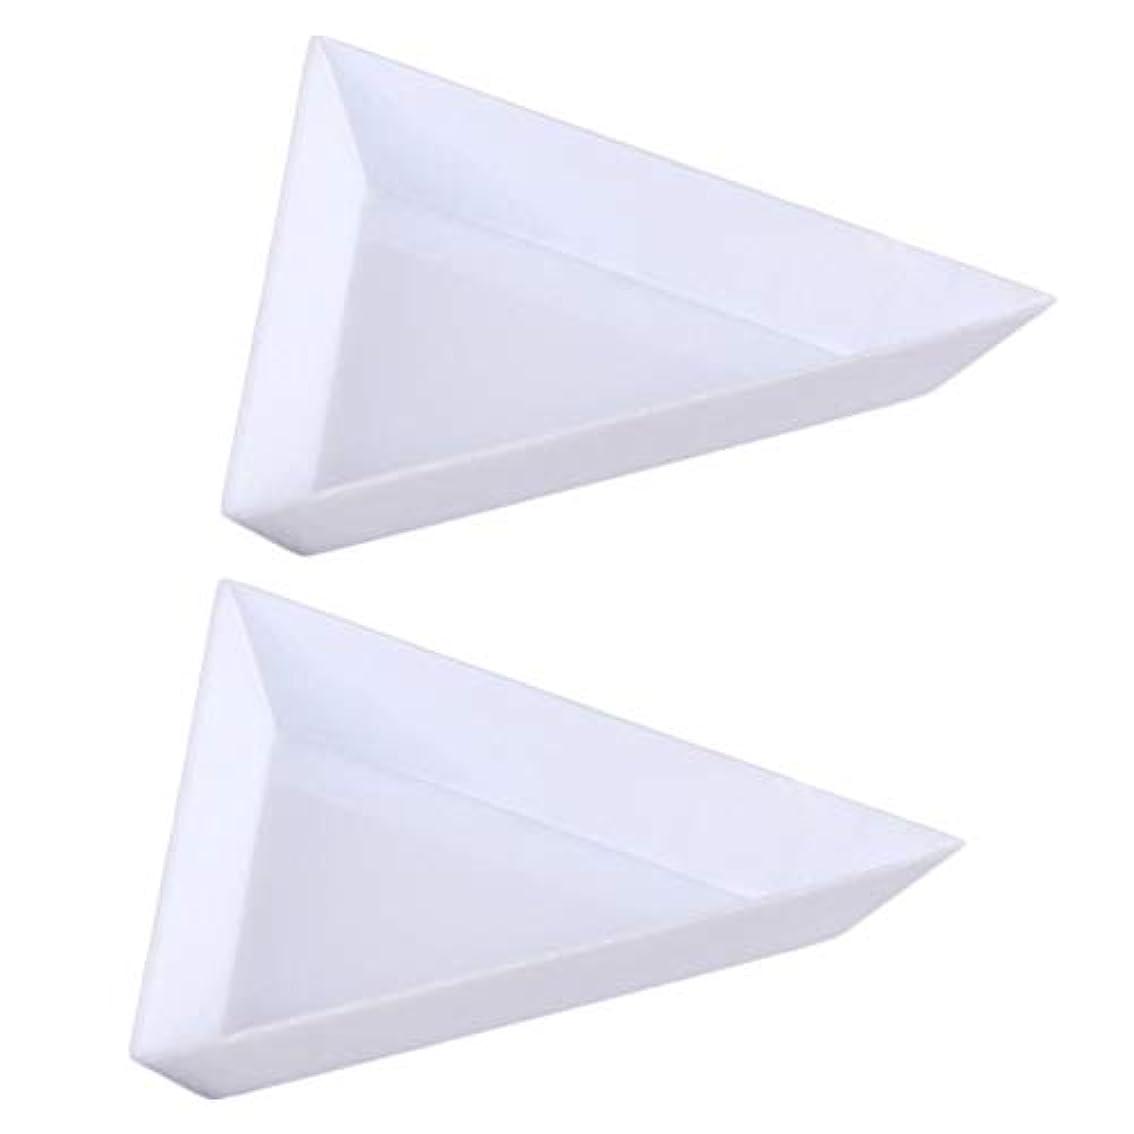 部族架空のサンプルTOOGOO 10個三角コーナープラスチックラインストーンビーズ 結晶 ネイルアートソーティングトレイアクセサリー白 DiyネイルアートデコレーションDotting収納トレイ オーガニゼーションに最適